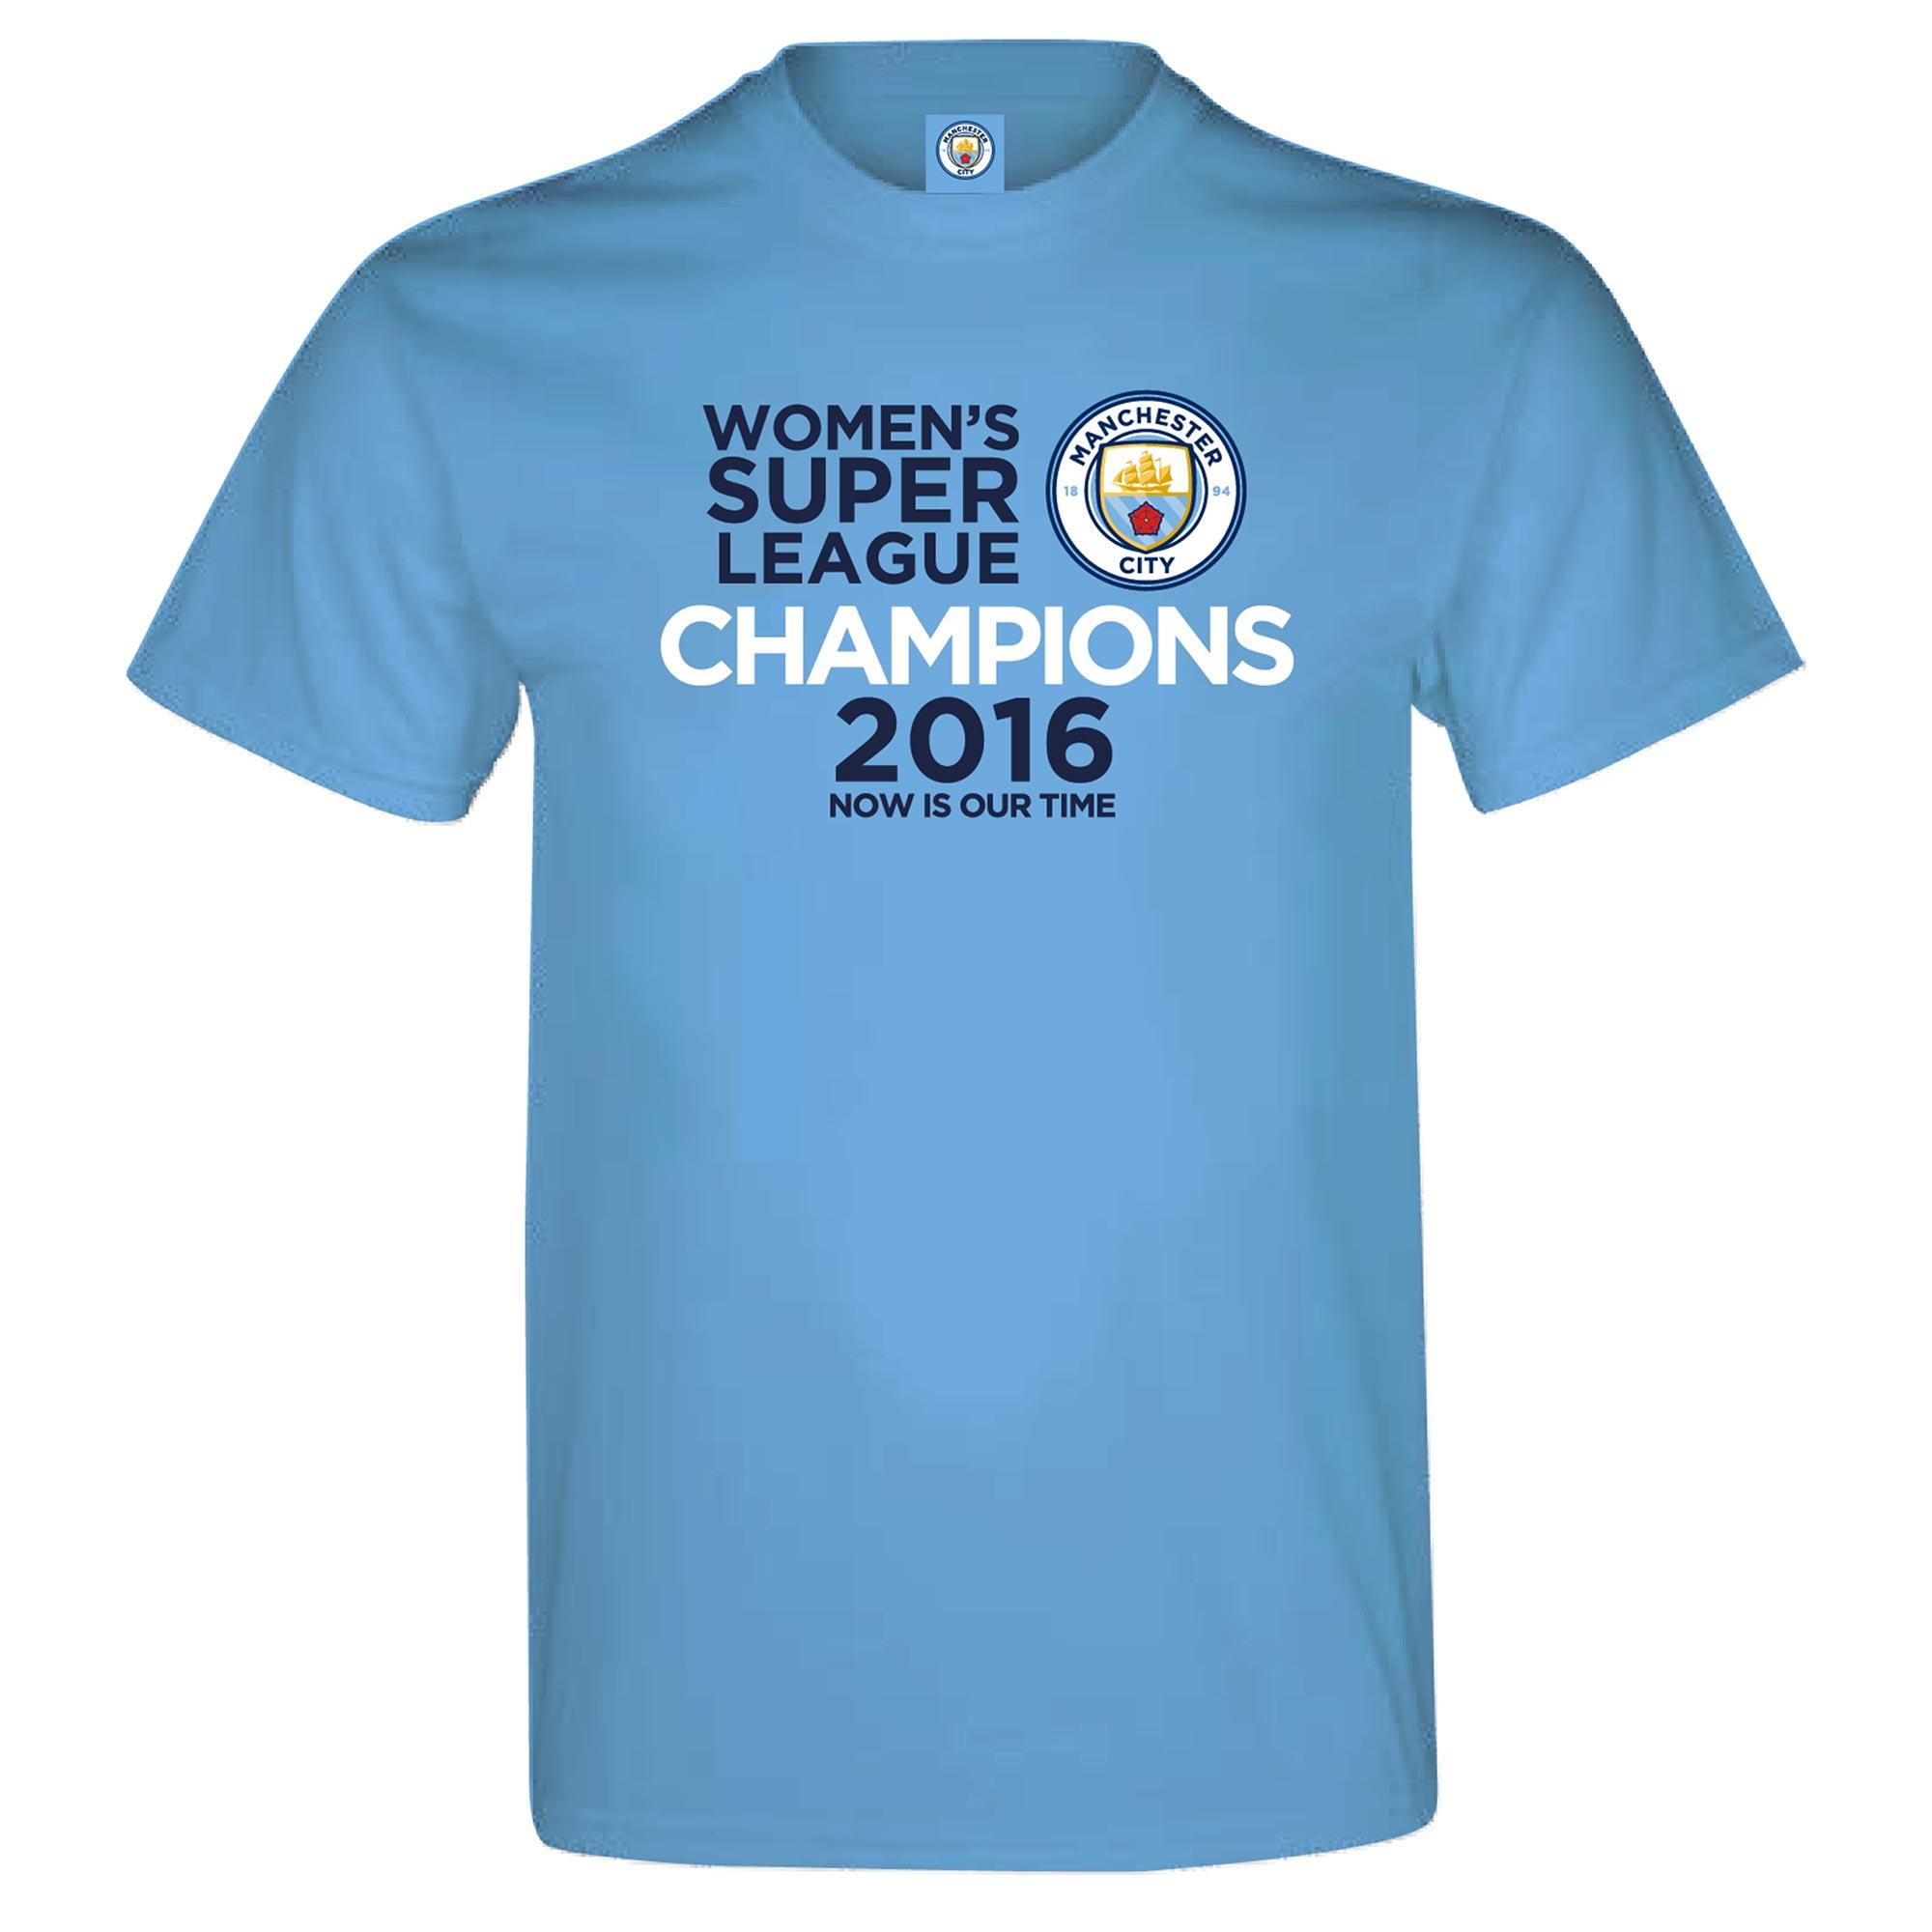 Manchester City FAWSL Champions T-Shirt